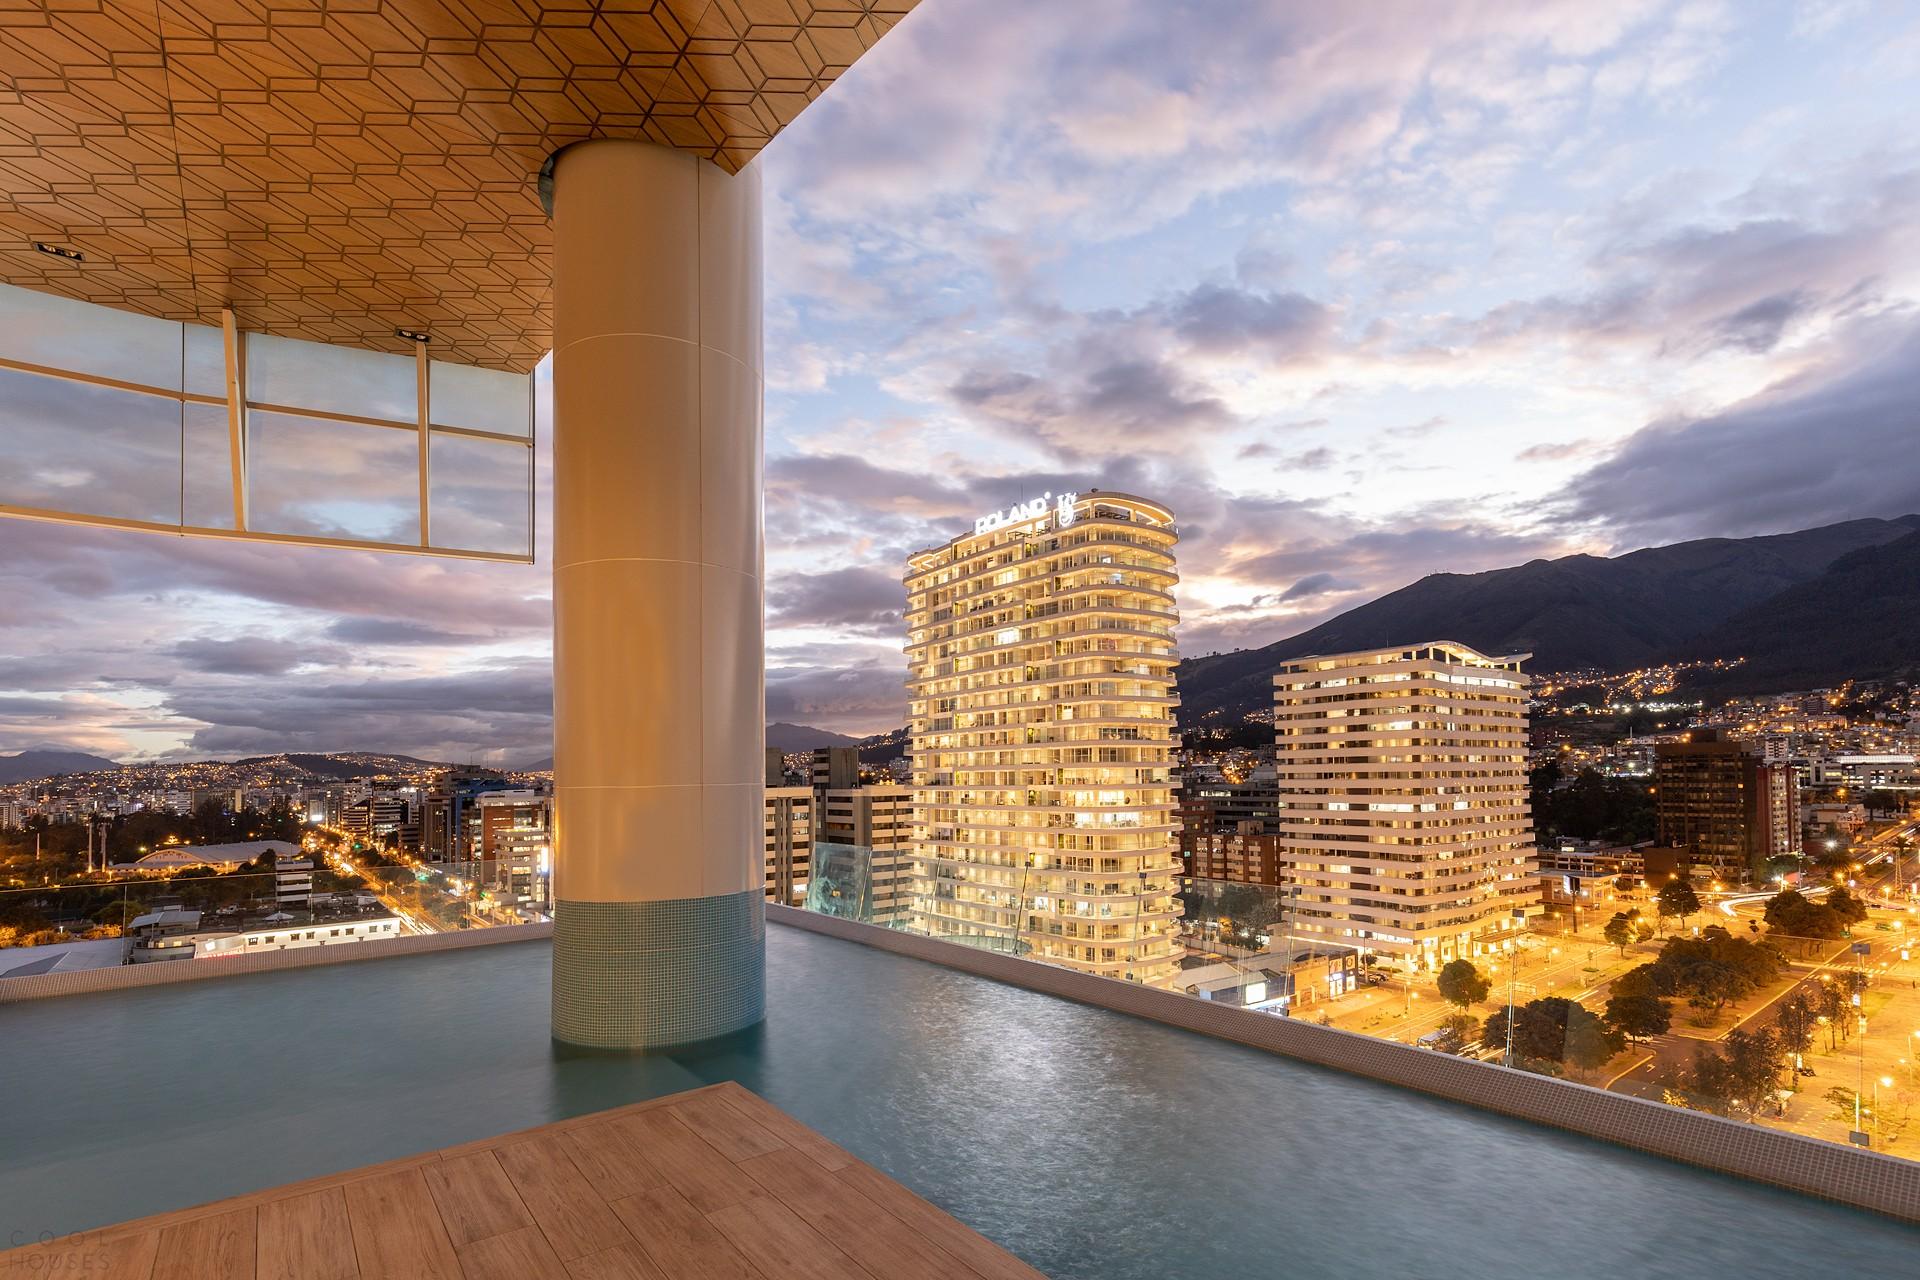 Уникальный небоскреб с изогнутым стеклянным фасадом, Эквадор